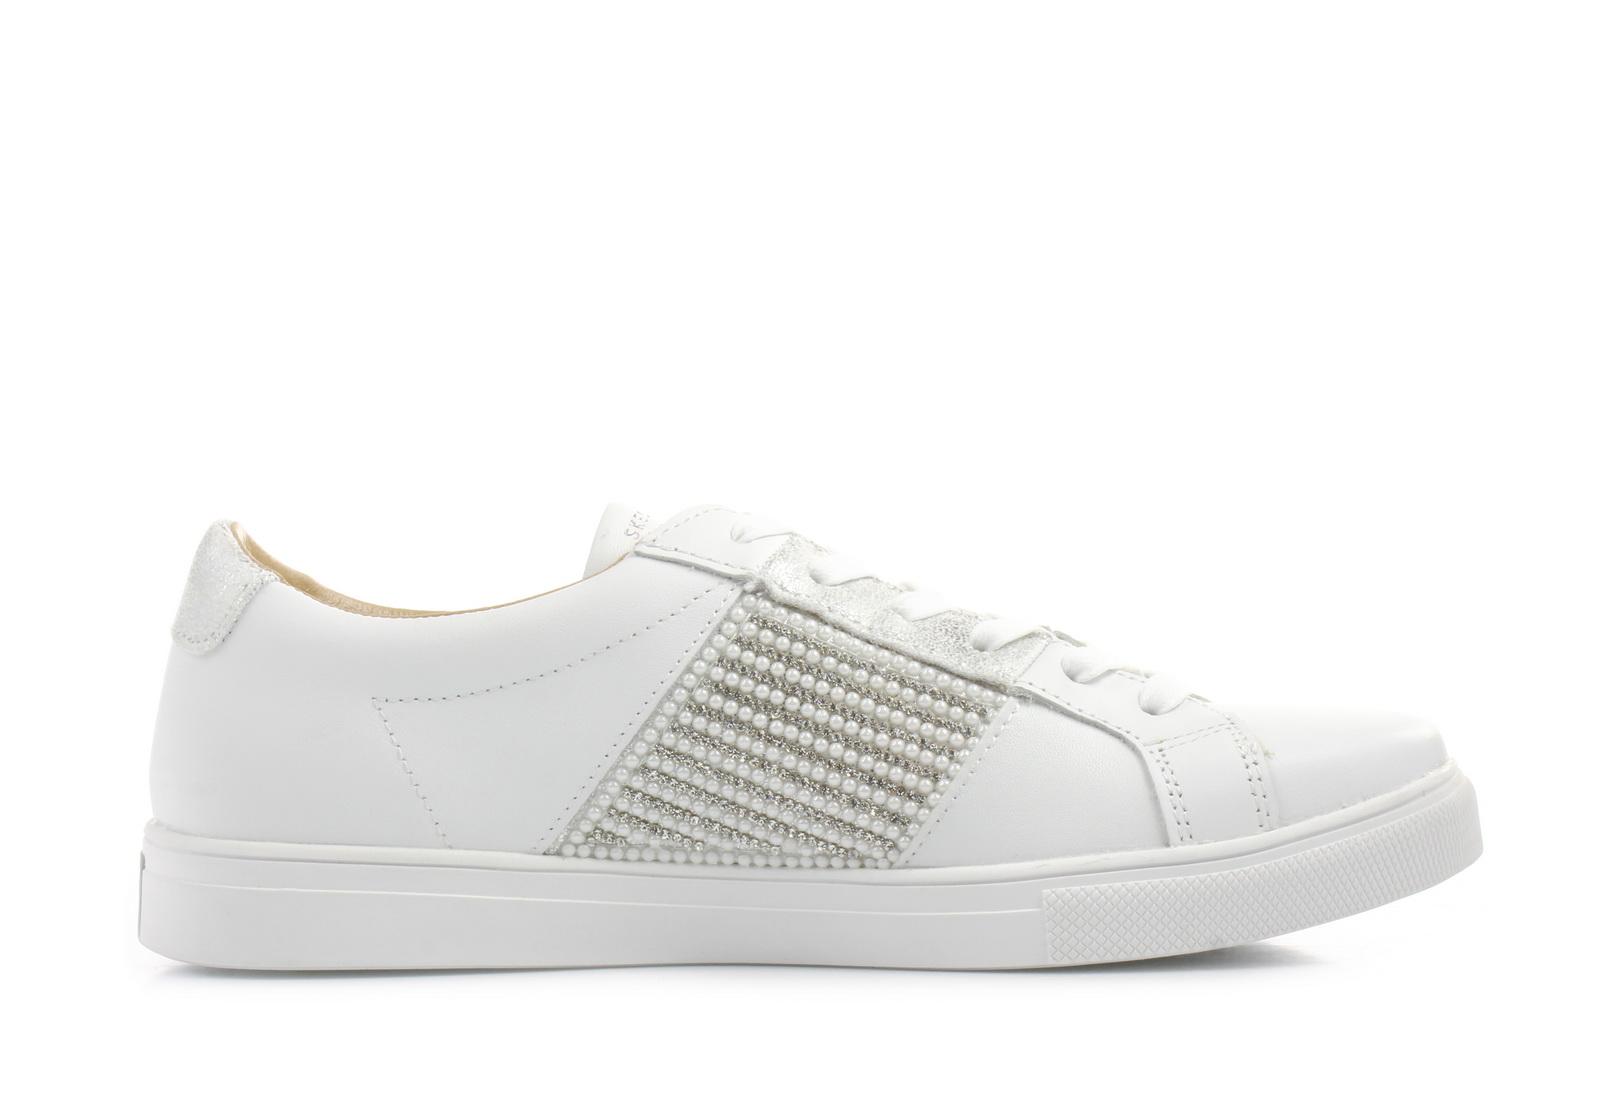 cliente Contaminado lavar  Skechers Półbuty - Moda - Bling Bandit - 73493-wsl - Obuwie i buty damskie,  męskie, dziecięce w Office Shoes